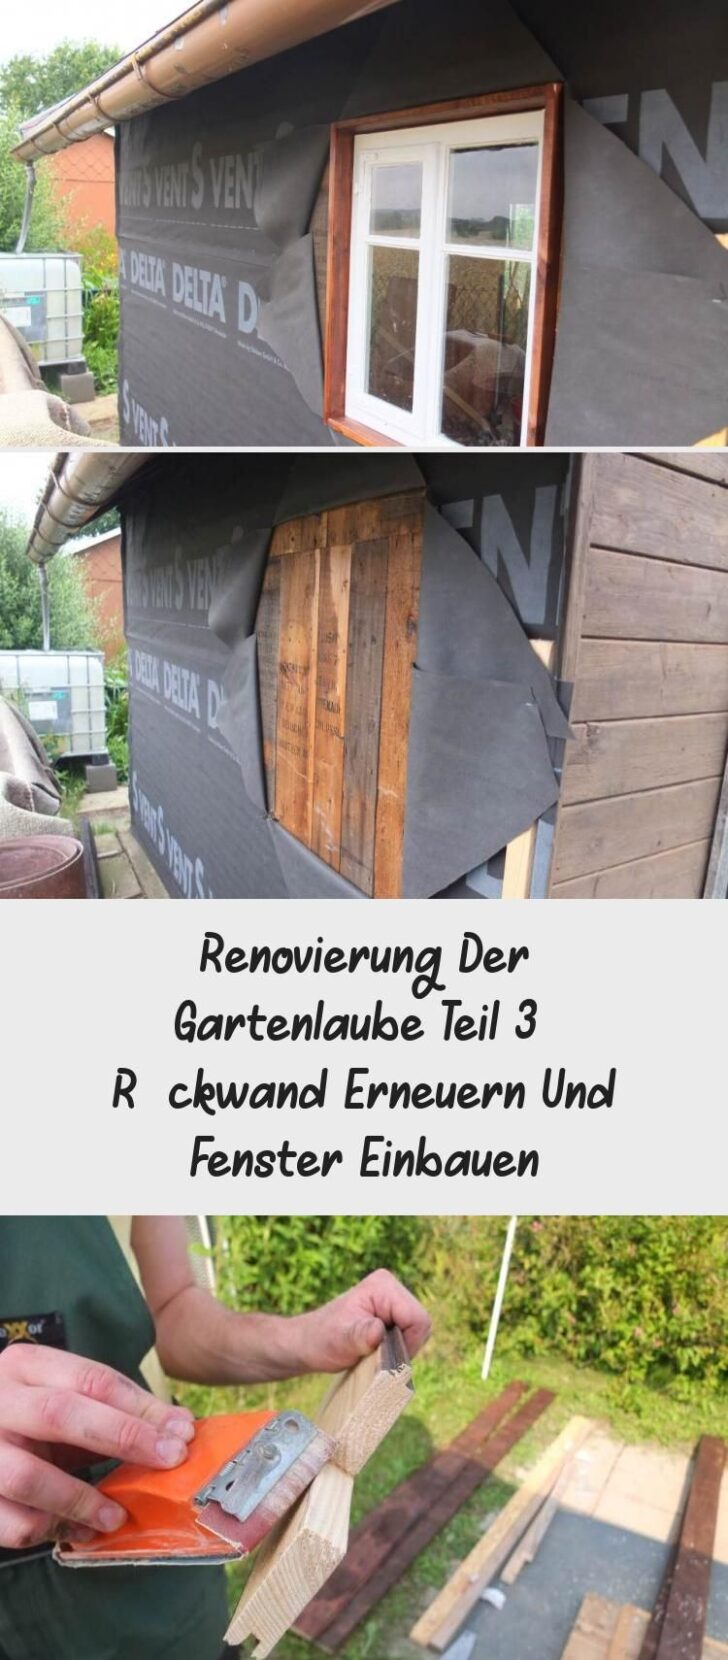 Medium Size of Renovierung Der Gartenlaube Teil 3 Rckwand Erneuern Und Fenster Kosten Bad Wohnzimmer Fensterfugen Erneuern